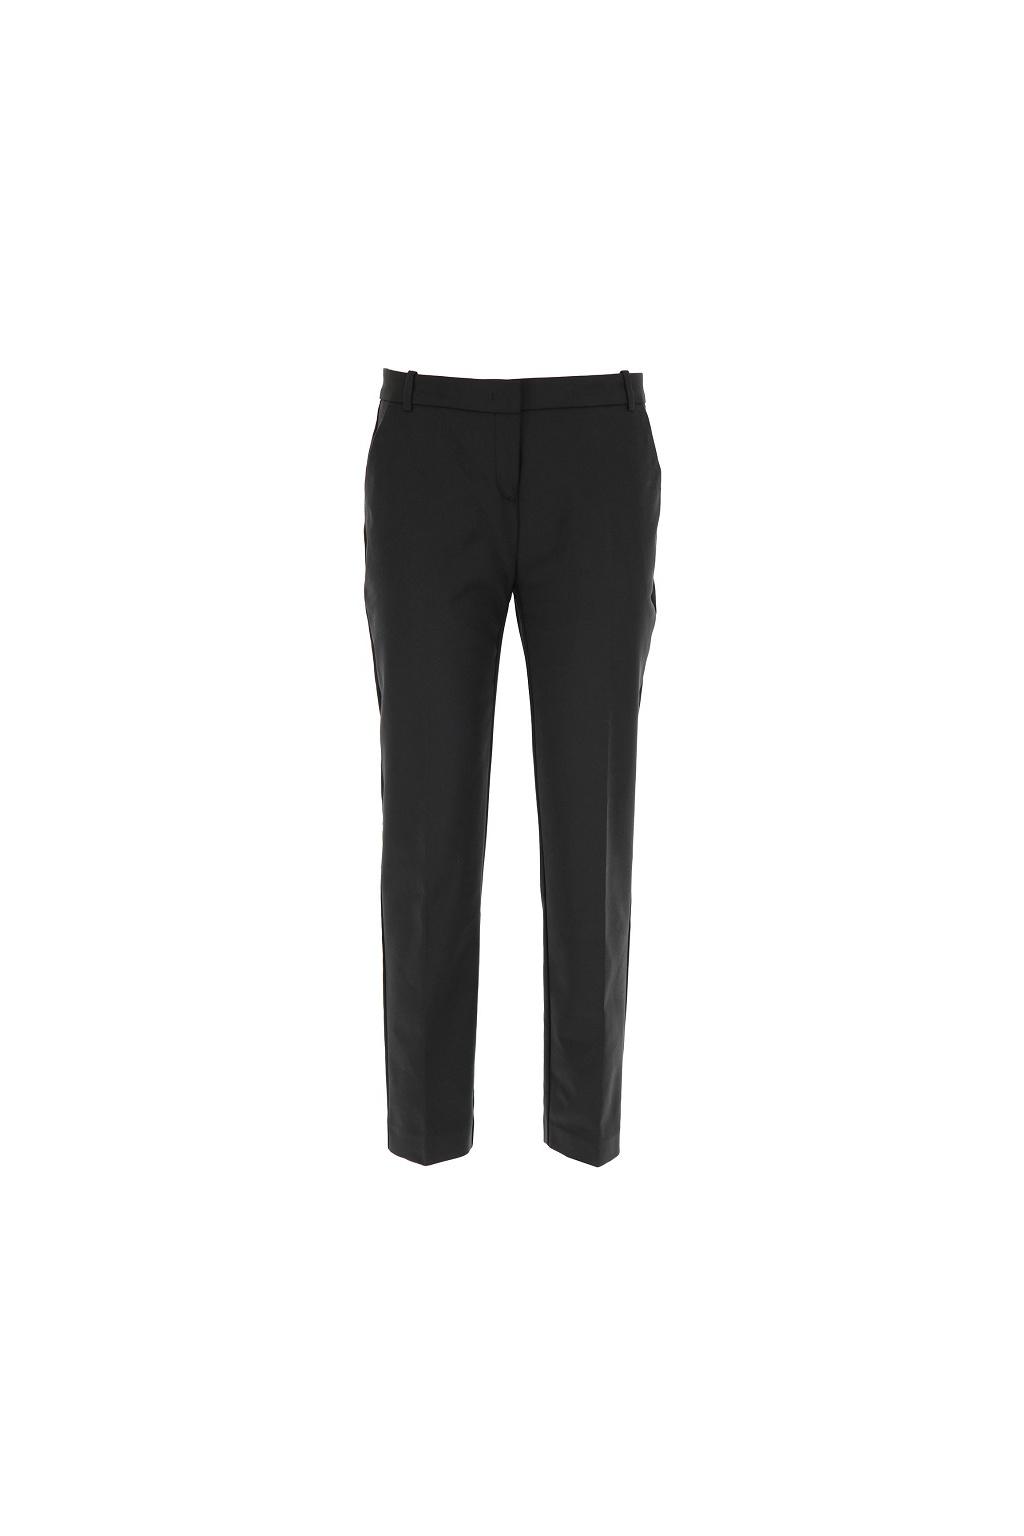 1G14ATT 2845 Z99 Dámské kalhoty Pinko Bello 84 černé